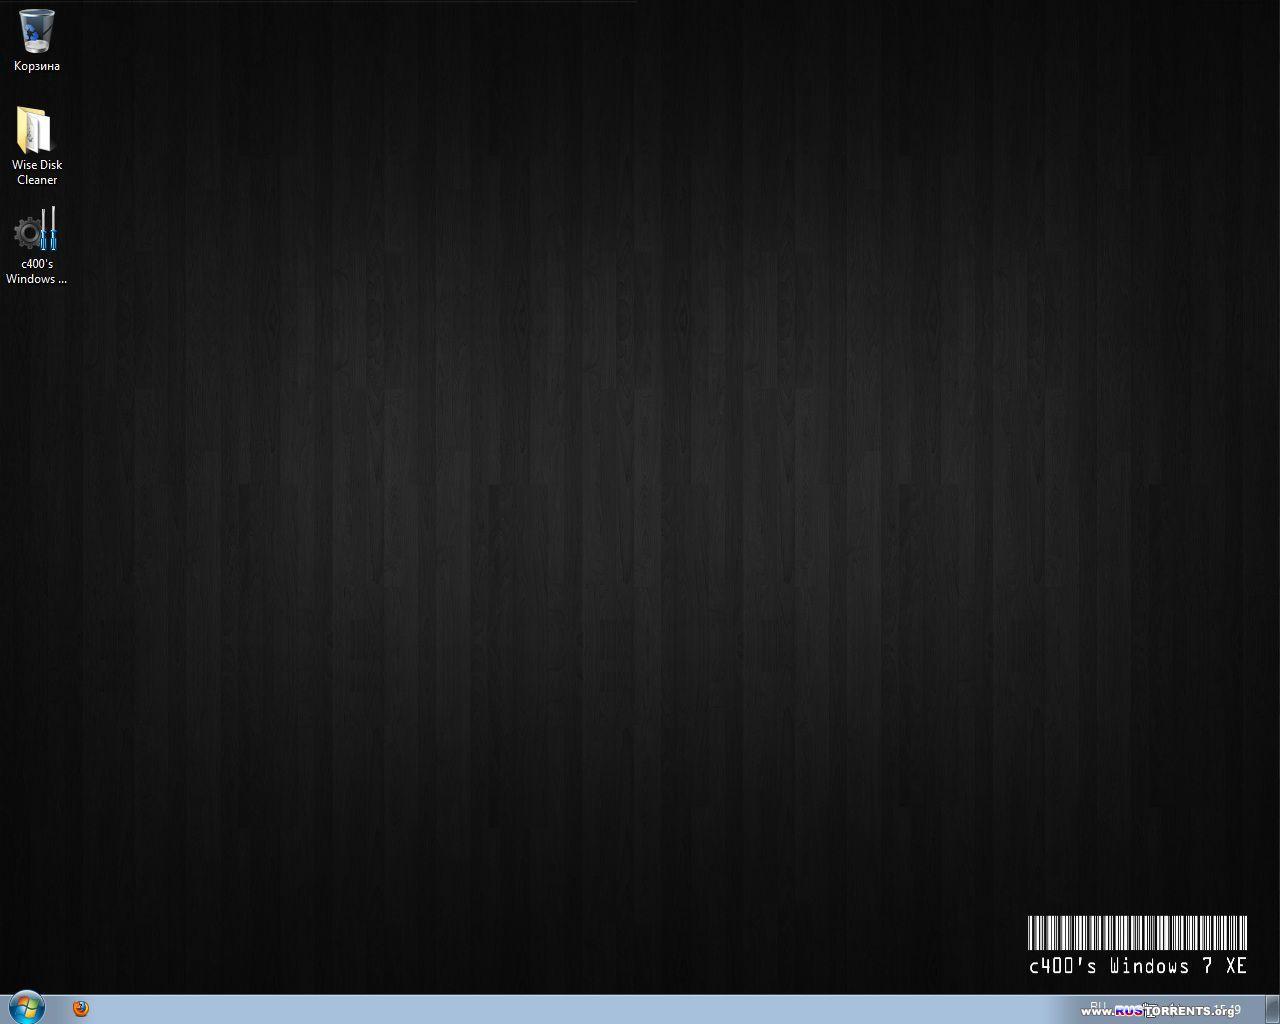 c400's Windows 7 XE v.4.0.6 x86/x64 RUS/ENG